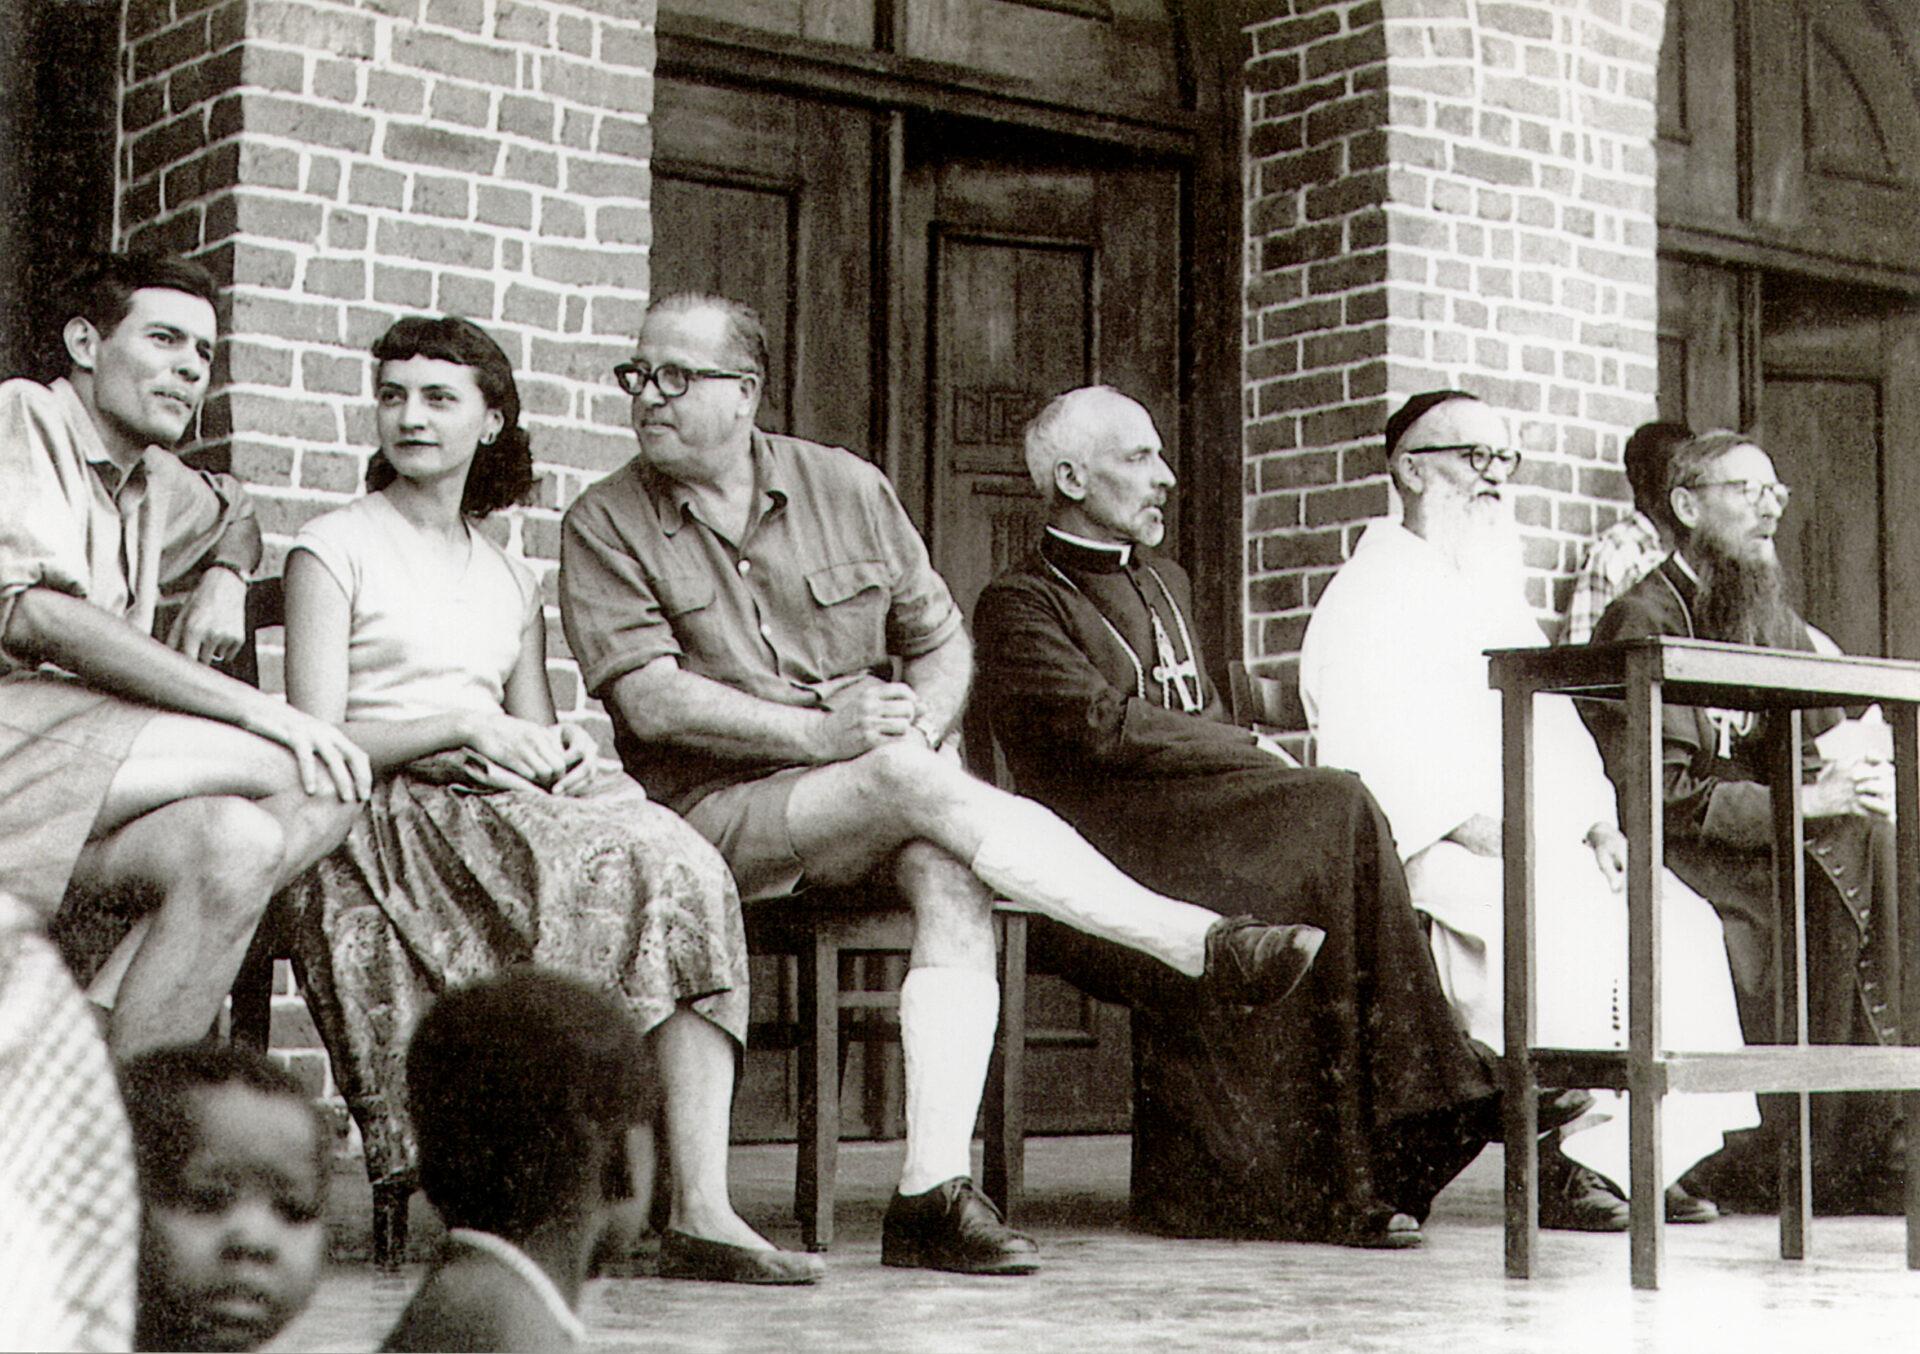 Bischof Edgar Maranta (4.v.l.) neben Professor Rudolf Geigy, 1949 anlässlich der Eröffnung des Feldlabors des Tropeninstituts in Ifakara. © Edgar Widmer